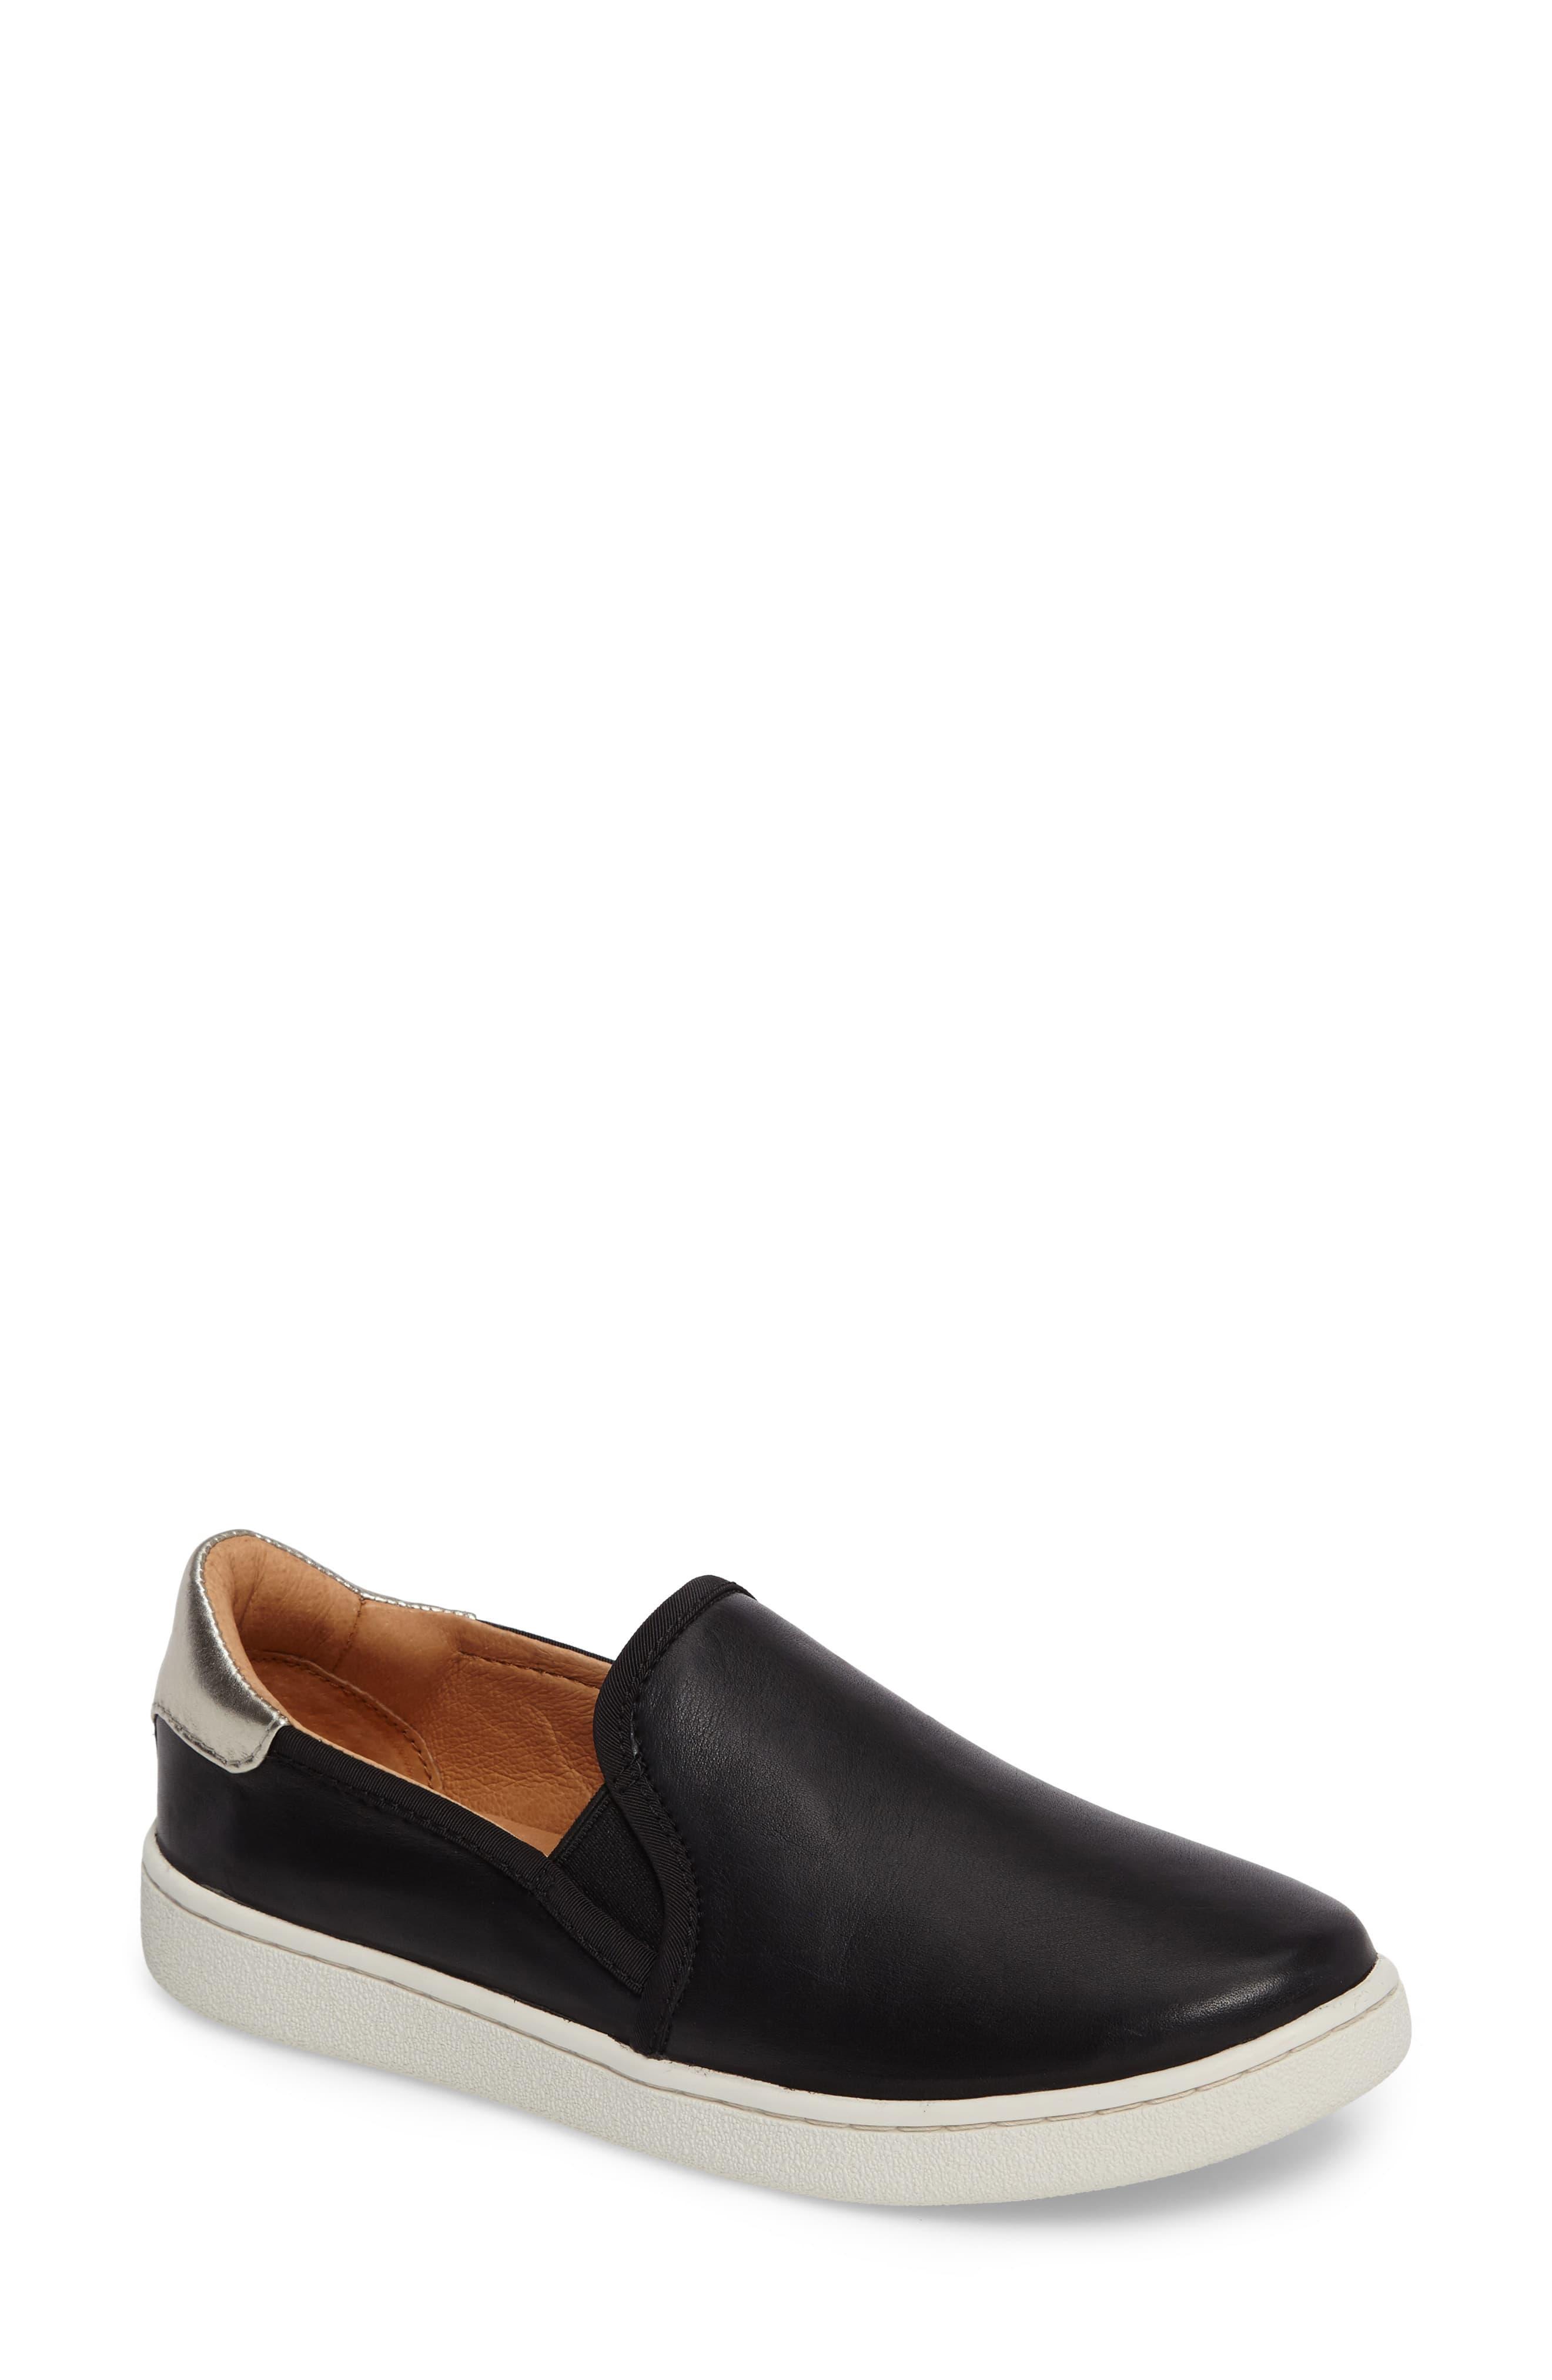 842bc2df66d Ugg Black Ugg Cas Slip-on Sneaker